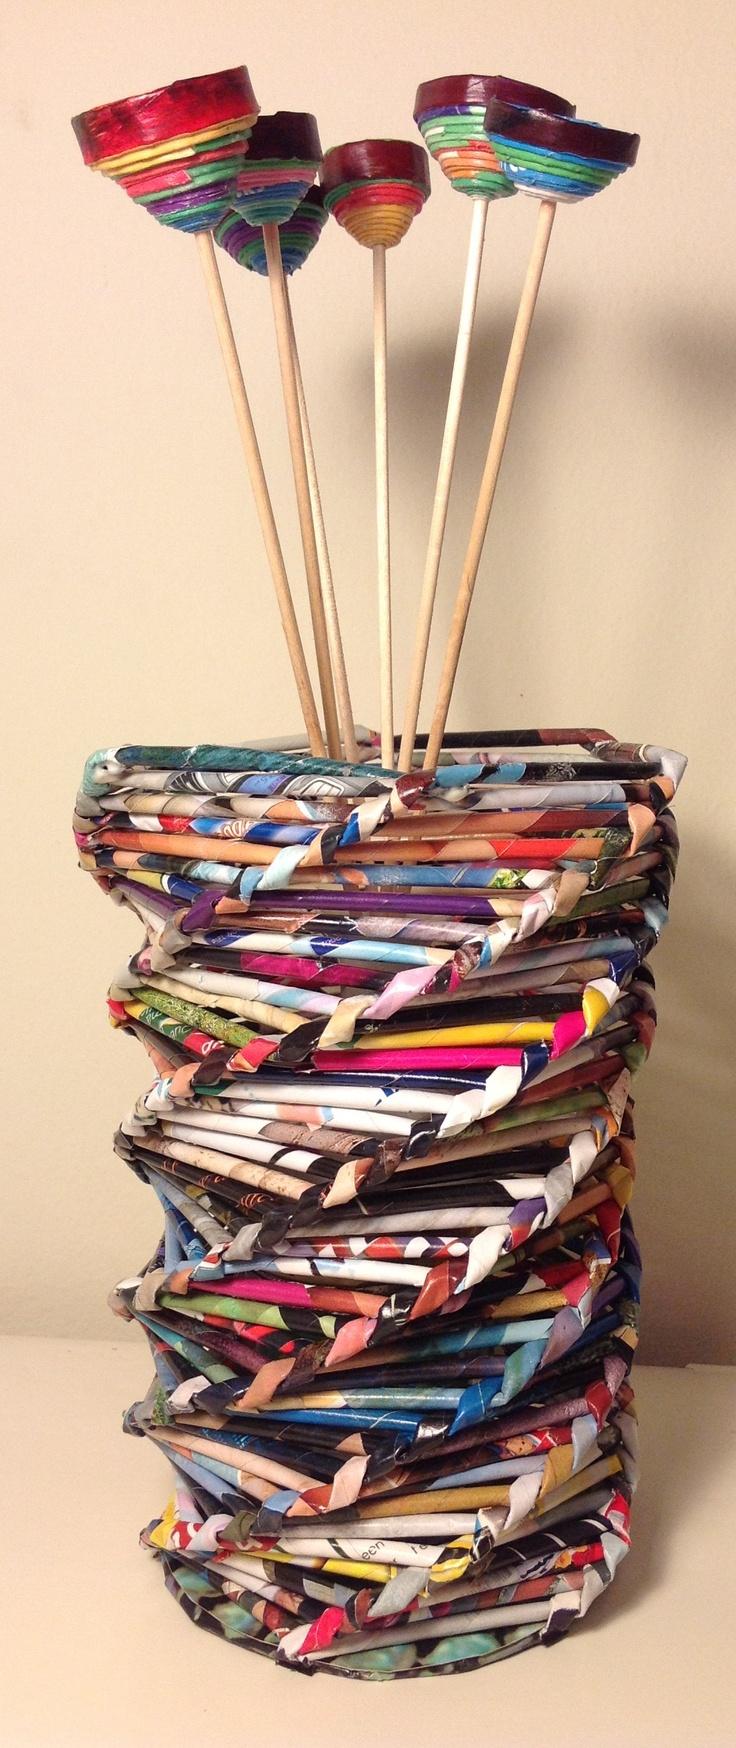 Portaflorero (25 cm alto x 12 cm diámetro) hecho con rollitos de papel de revistas y flores hechas con círculos de rollitos de papel de revistas - Paper art